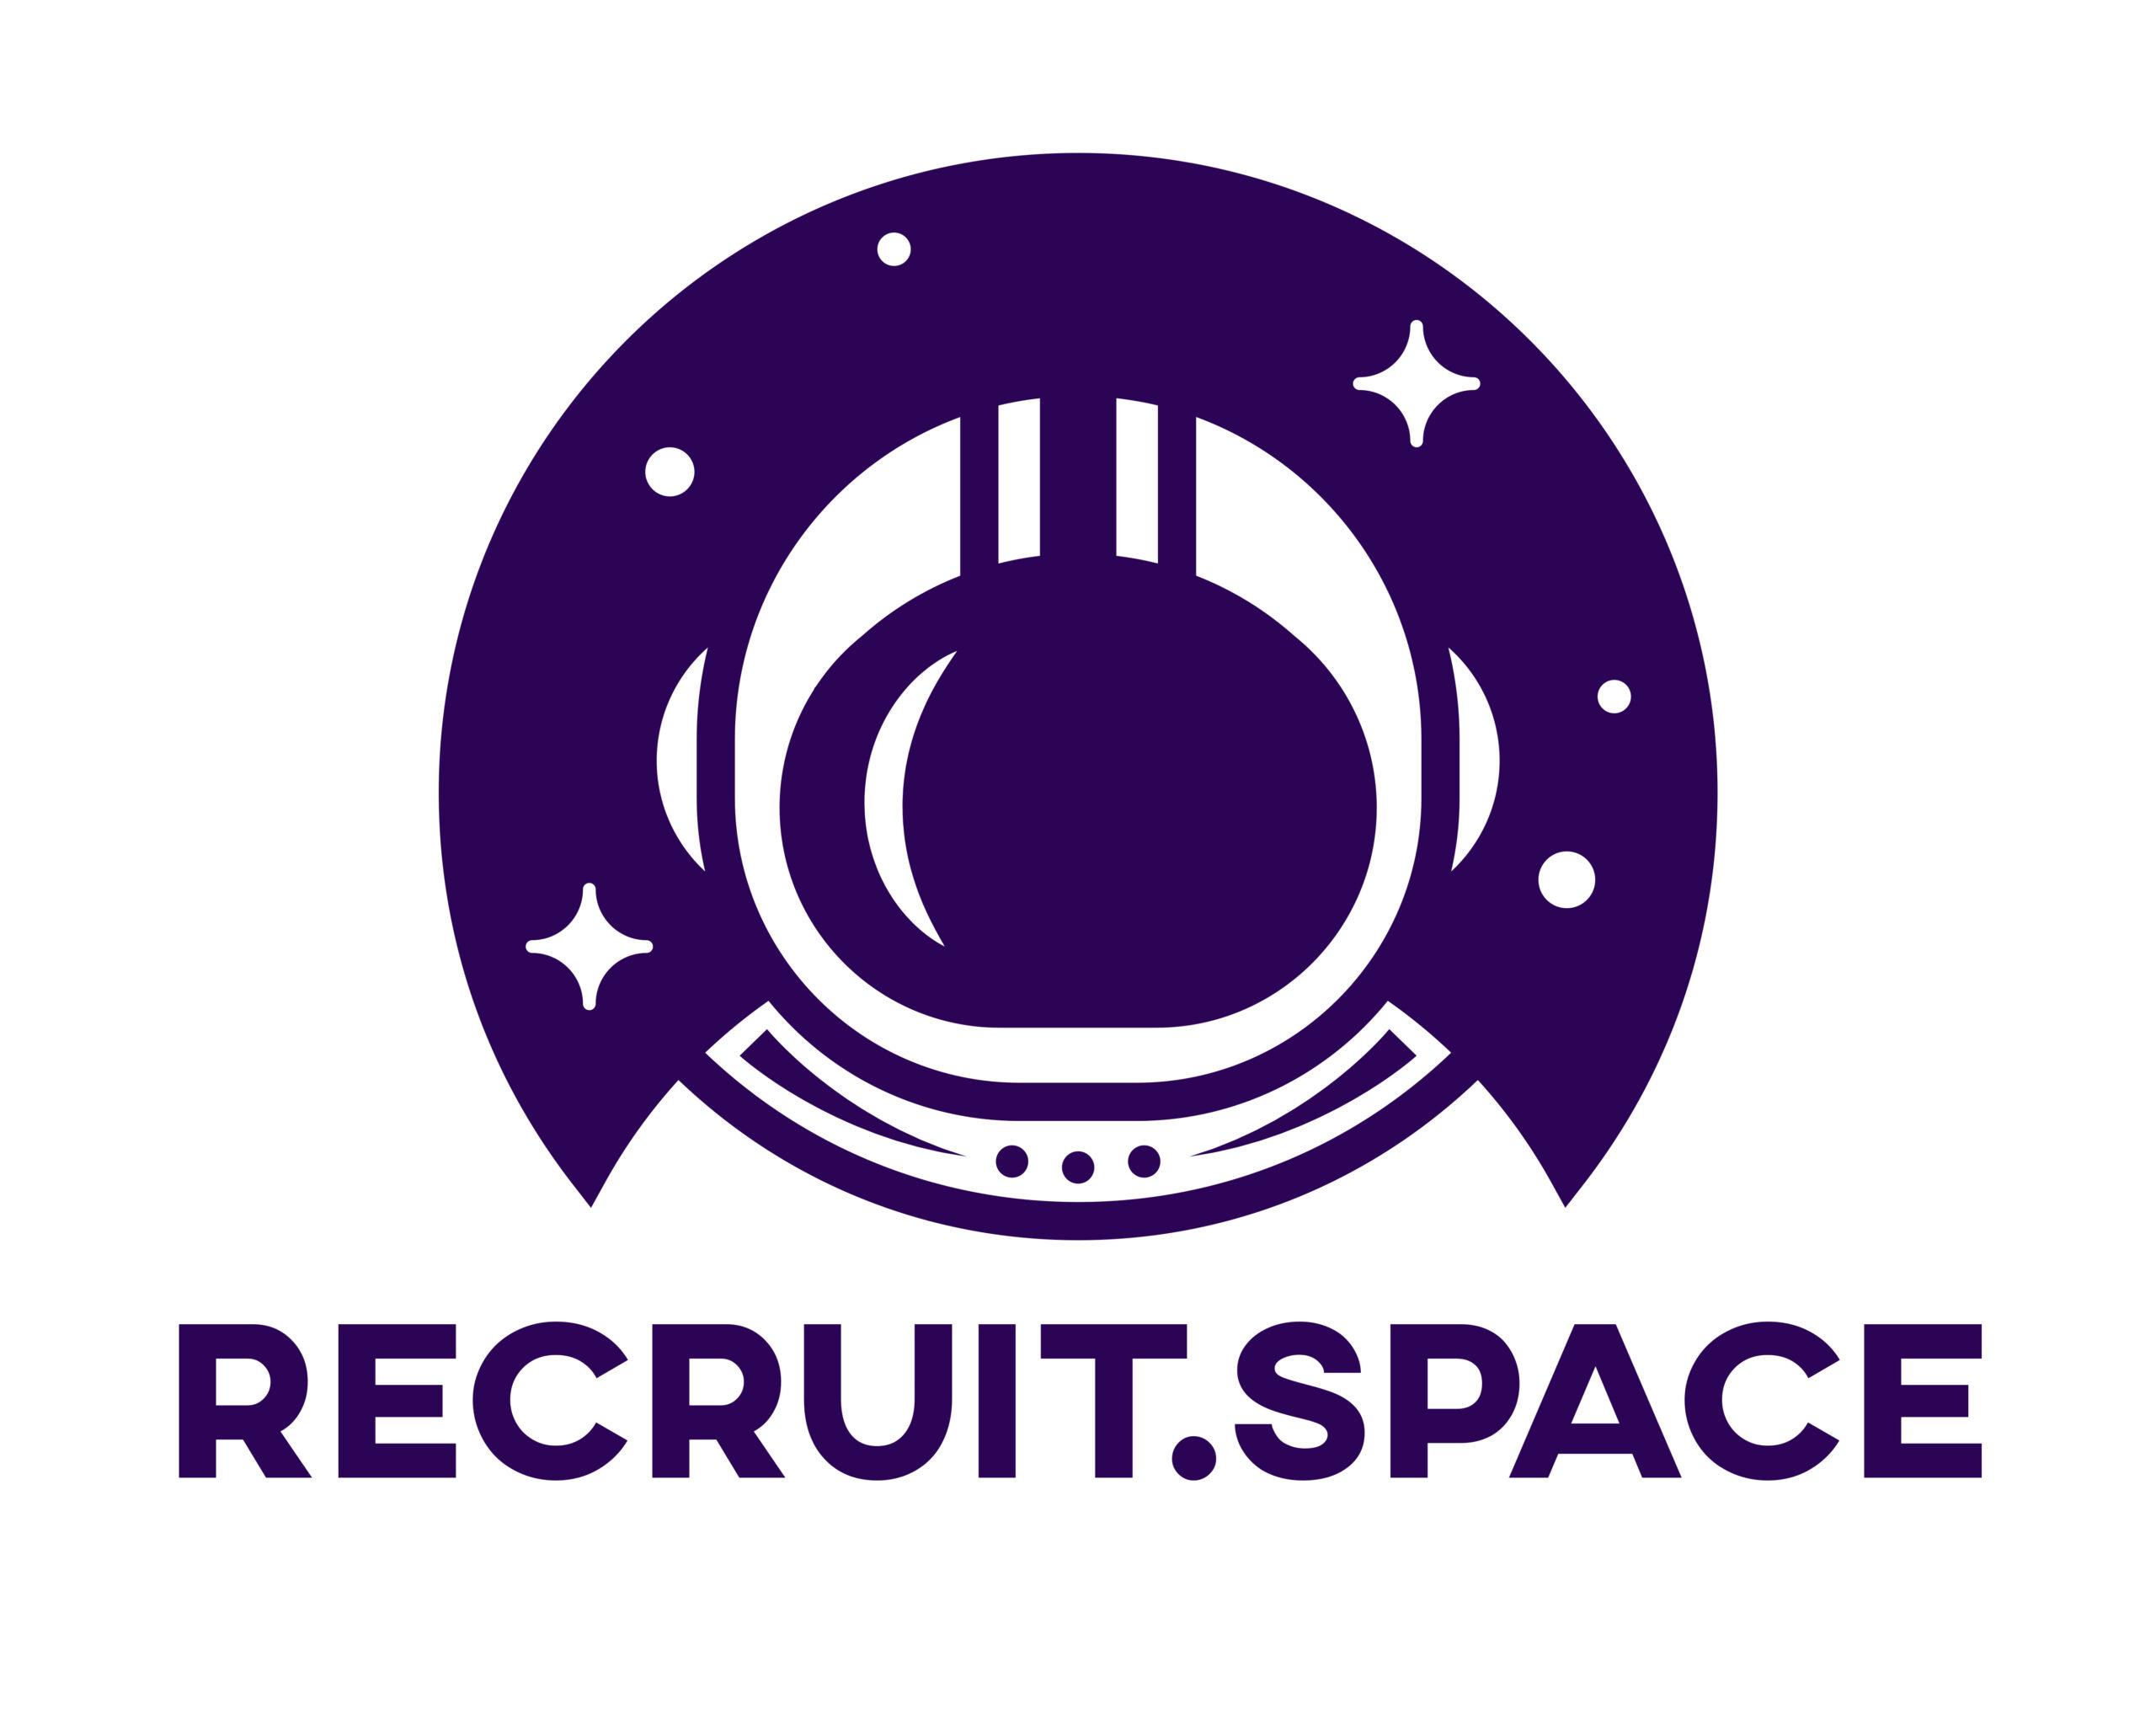 Recruit.Space